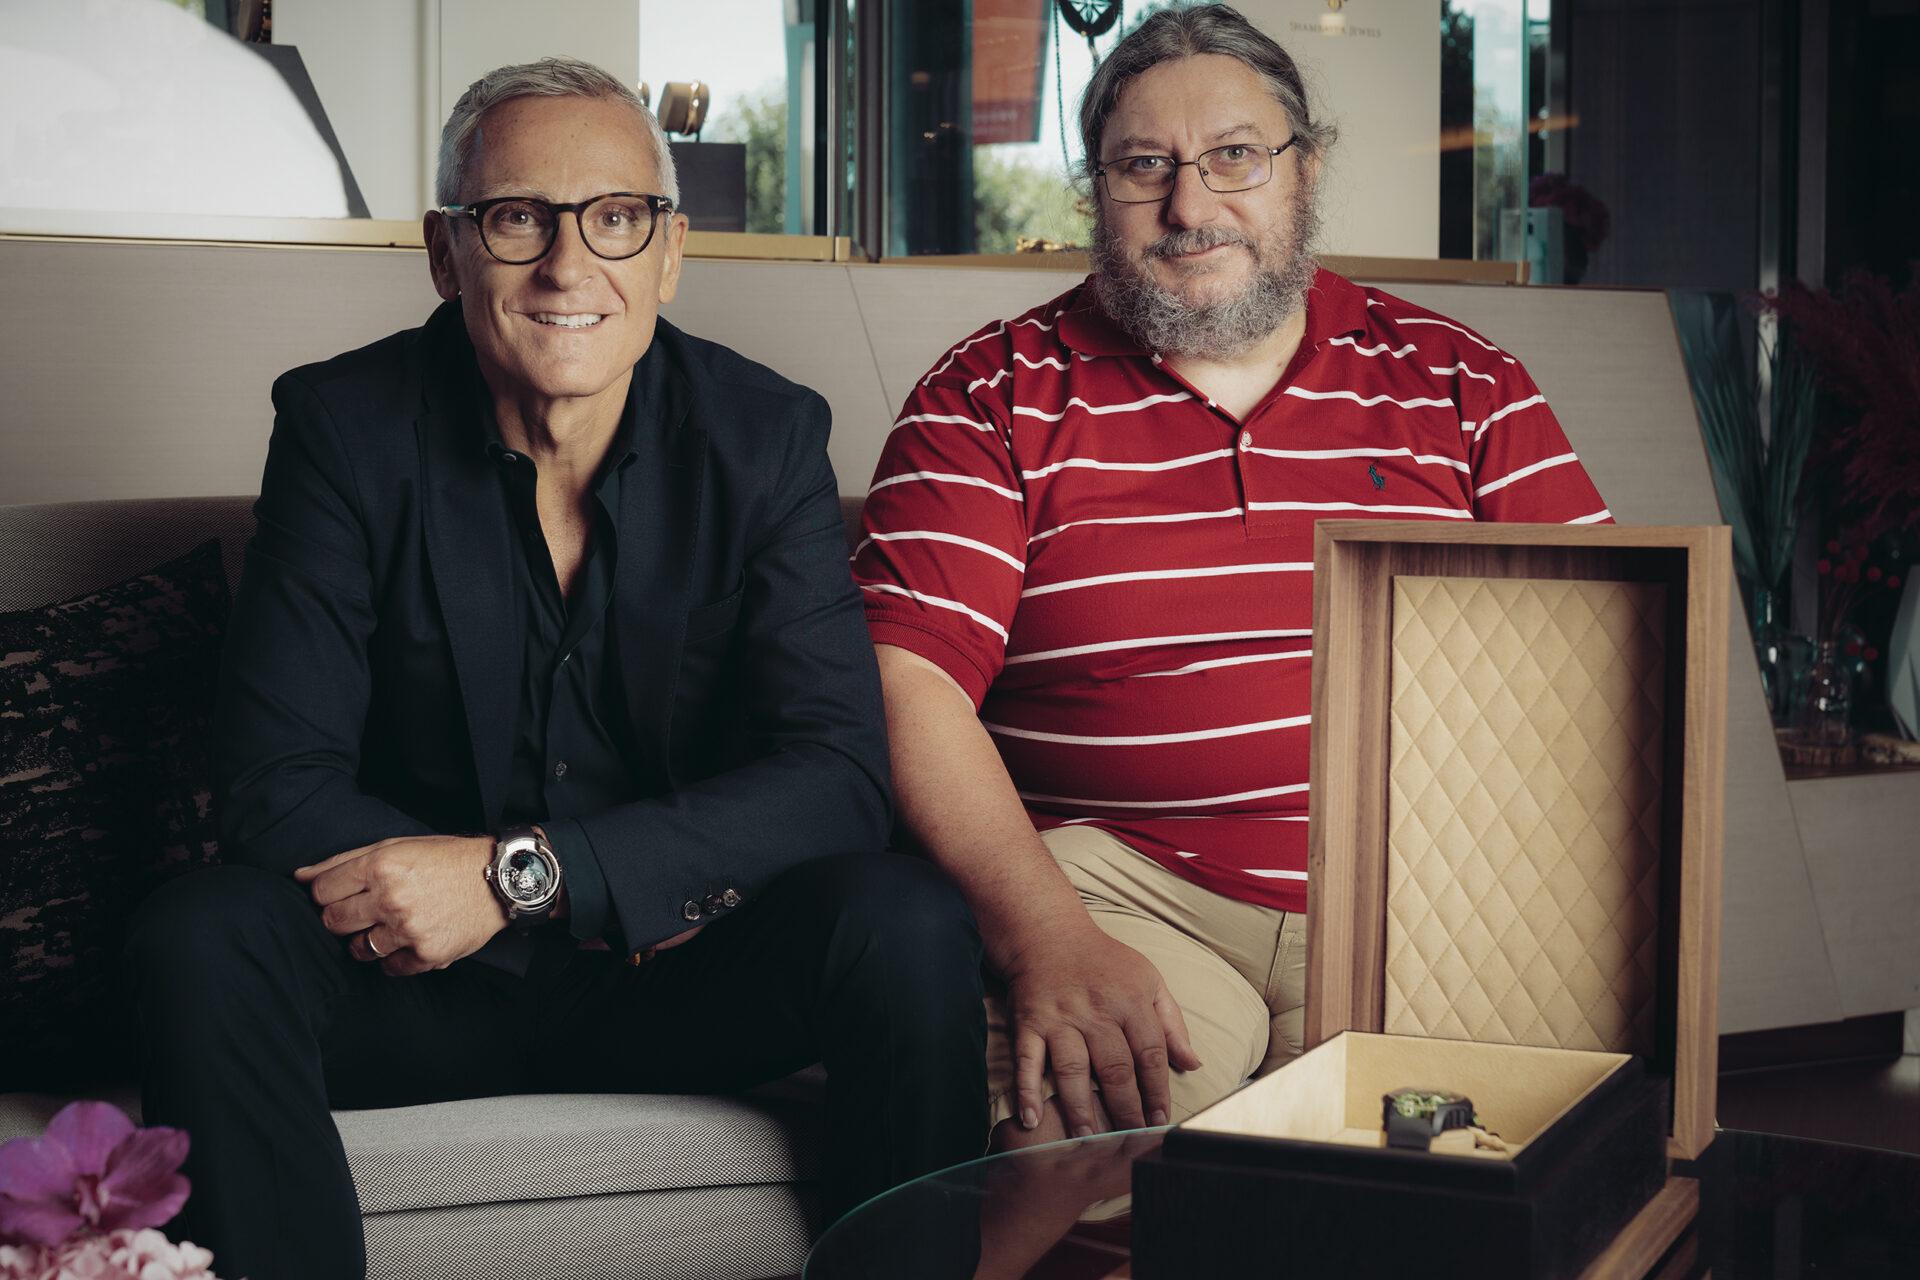 Maurizio Mazzocchi, CEO de Purnell, y el maestro relojero Eric Coudray